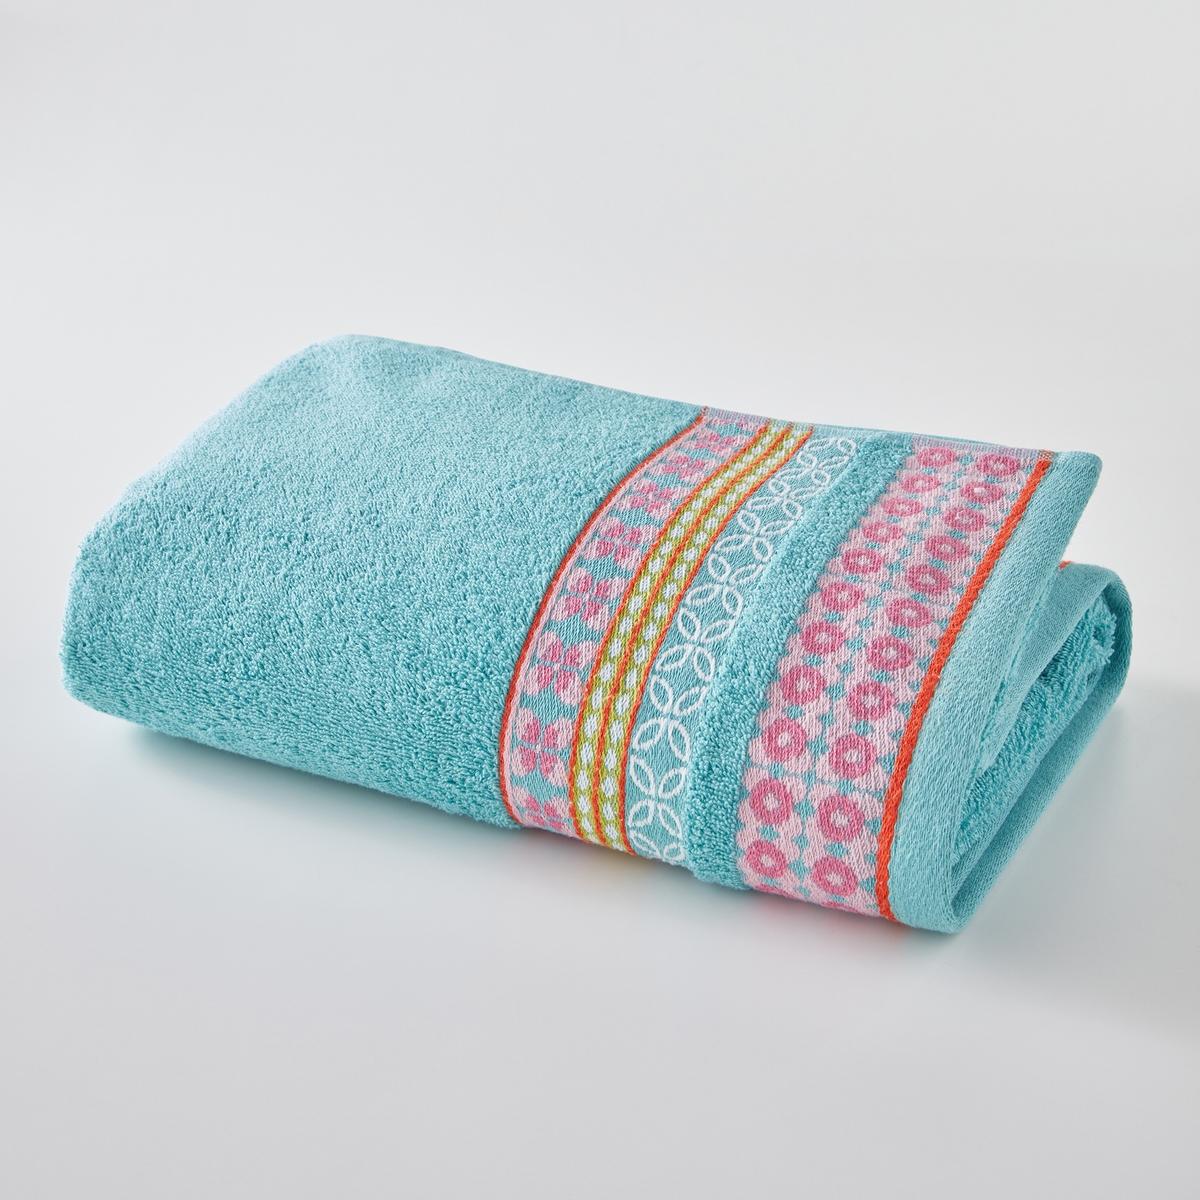 Полотенце банное (500 г/м²), Miss China полотенце банное 500 г м²